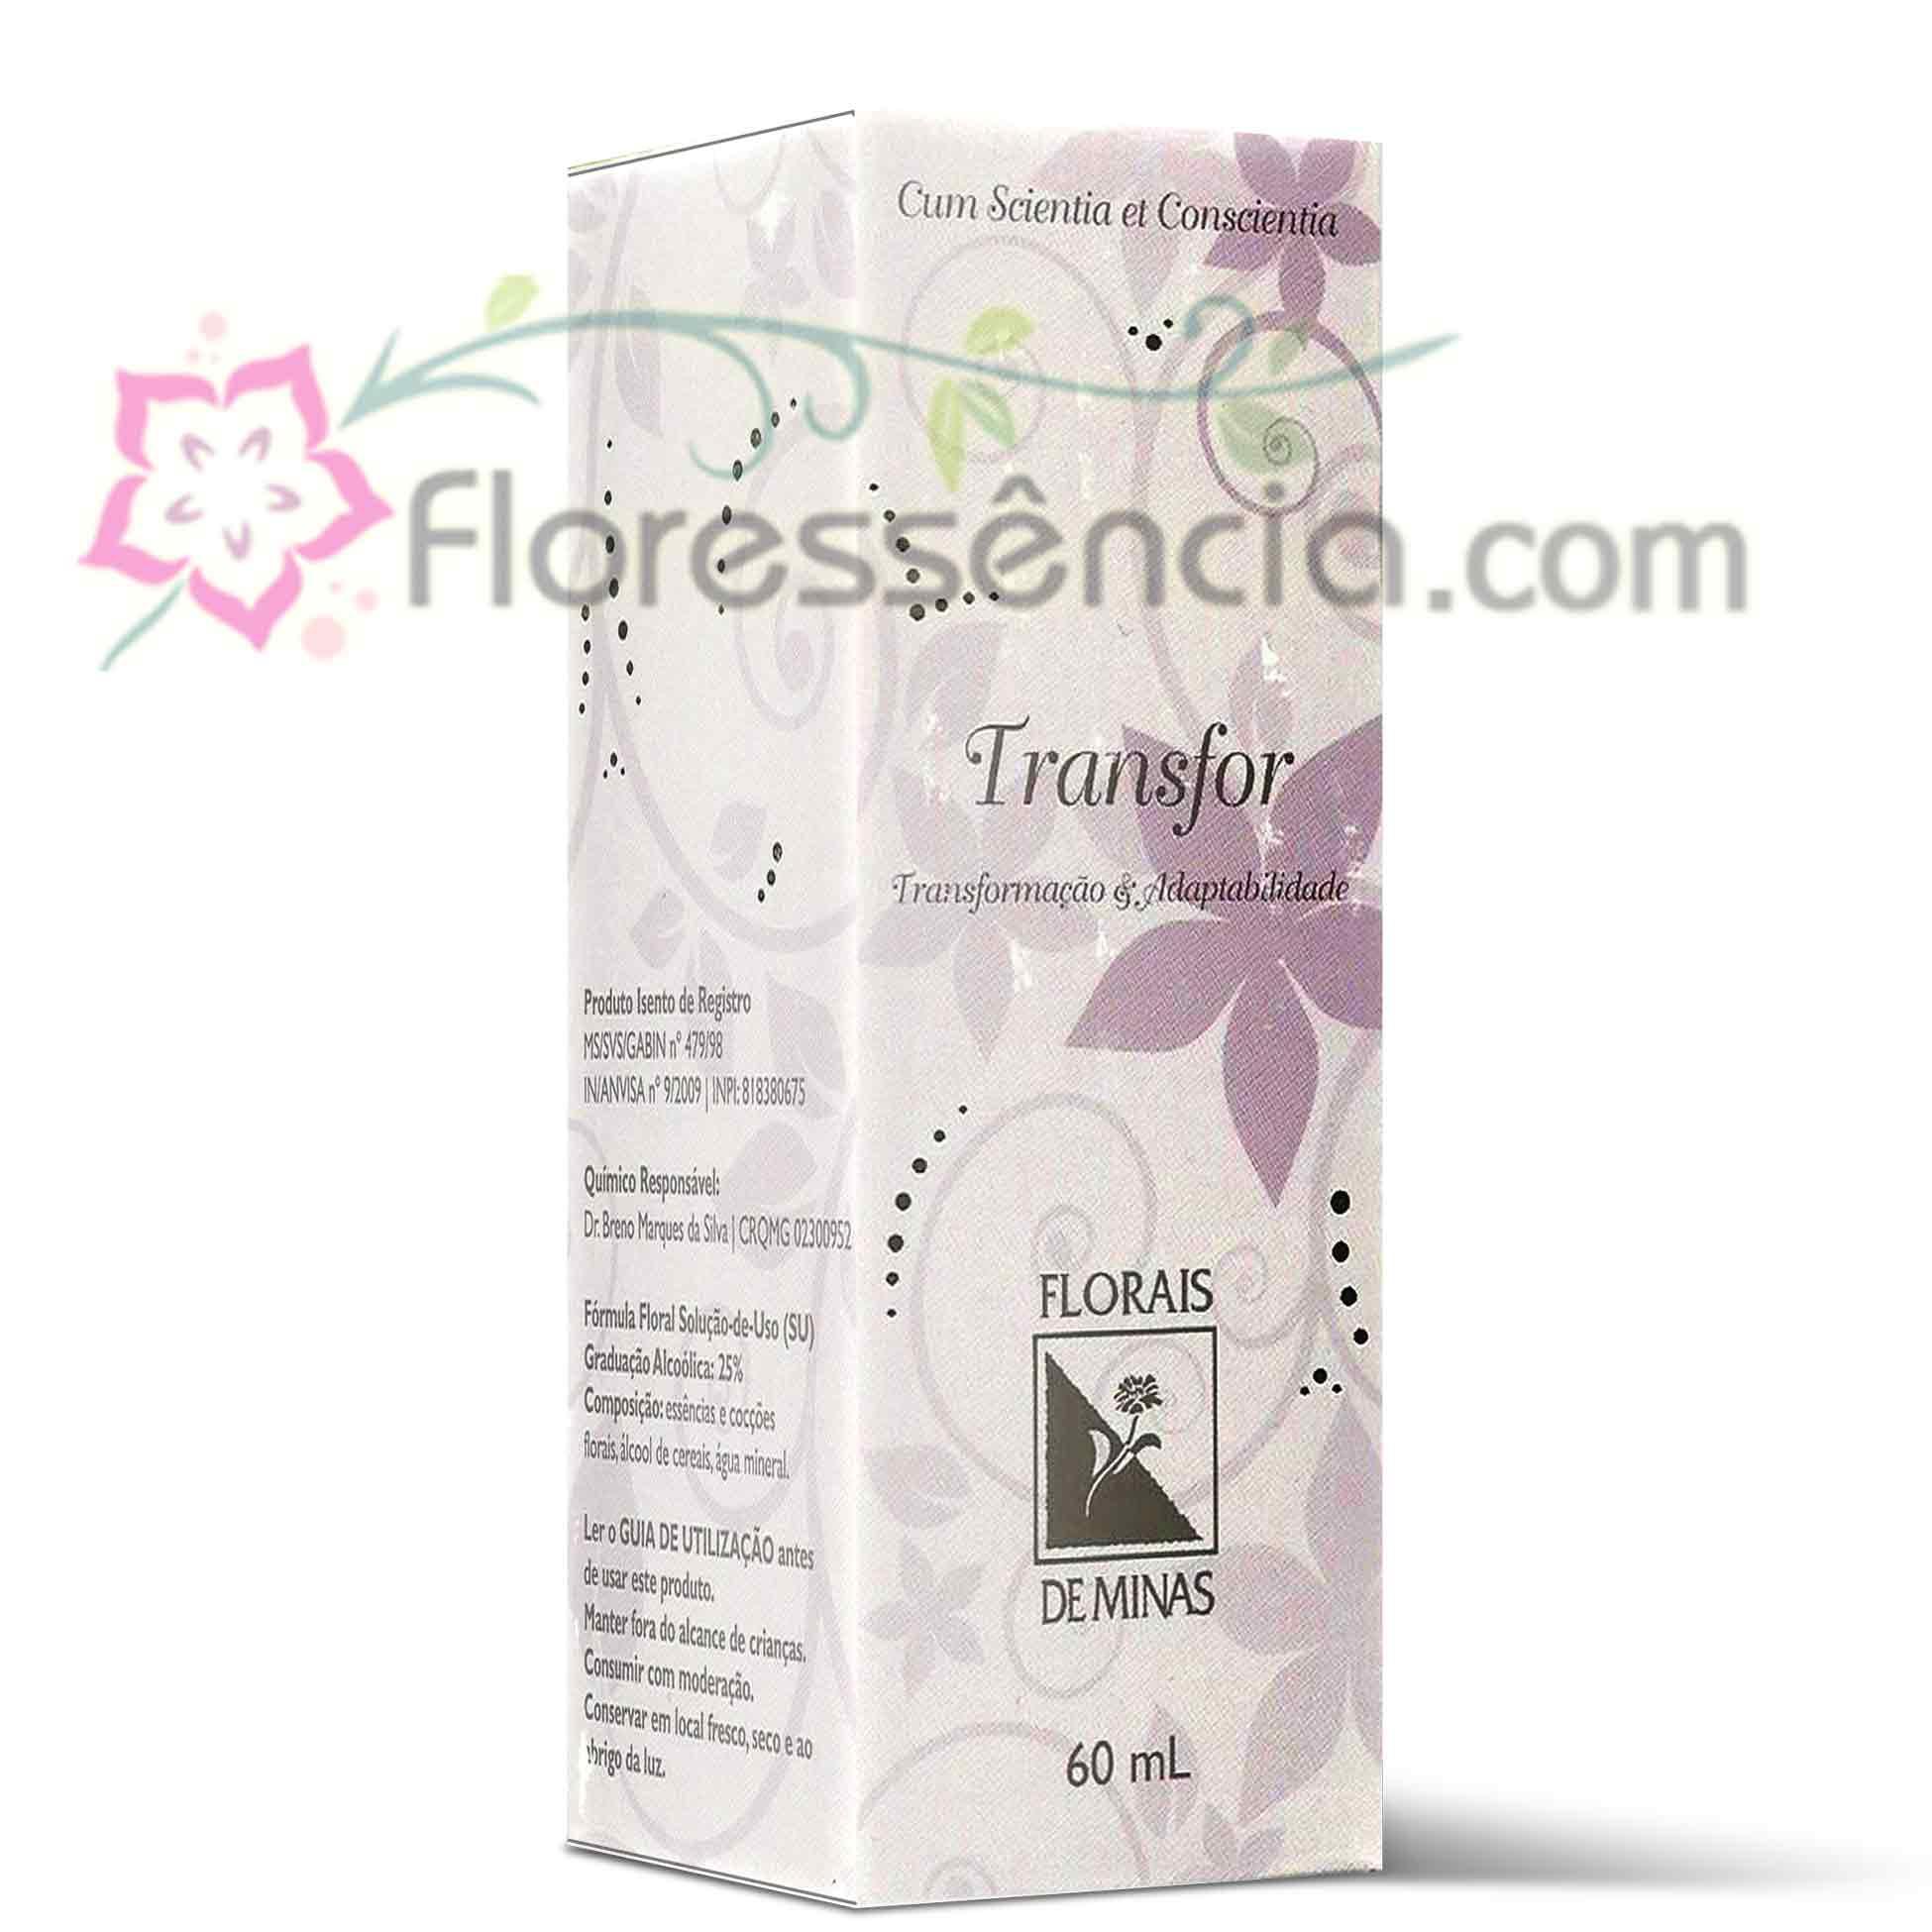 Transfor - 60 ml  - Floressência